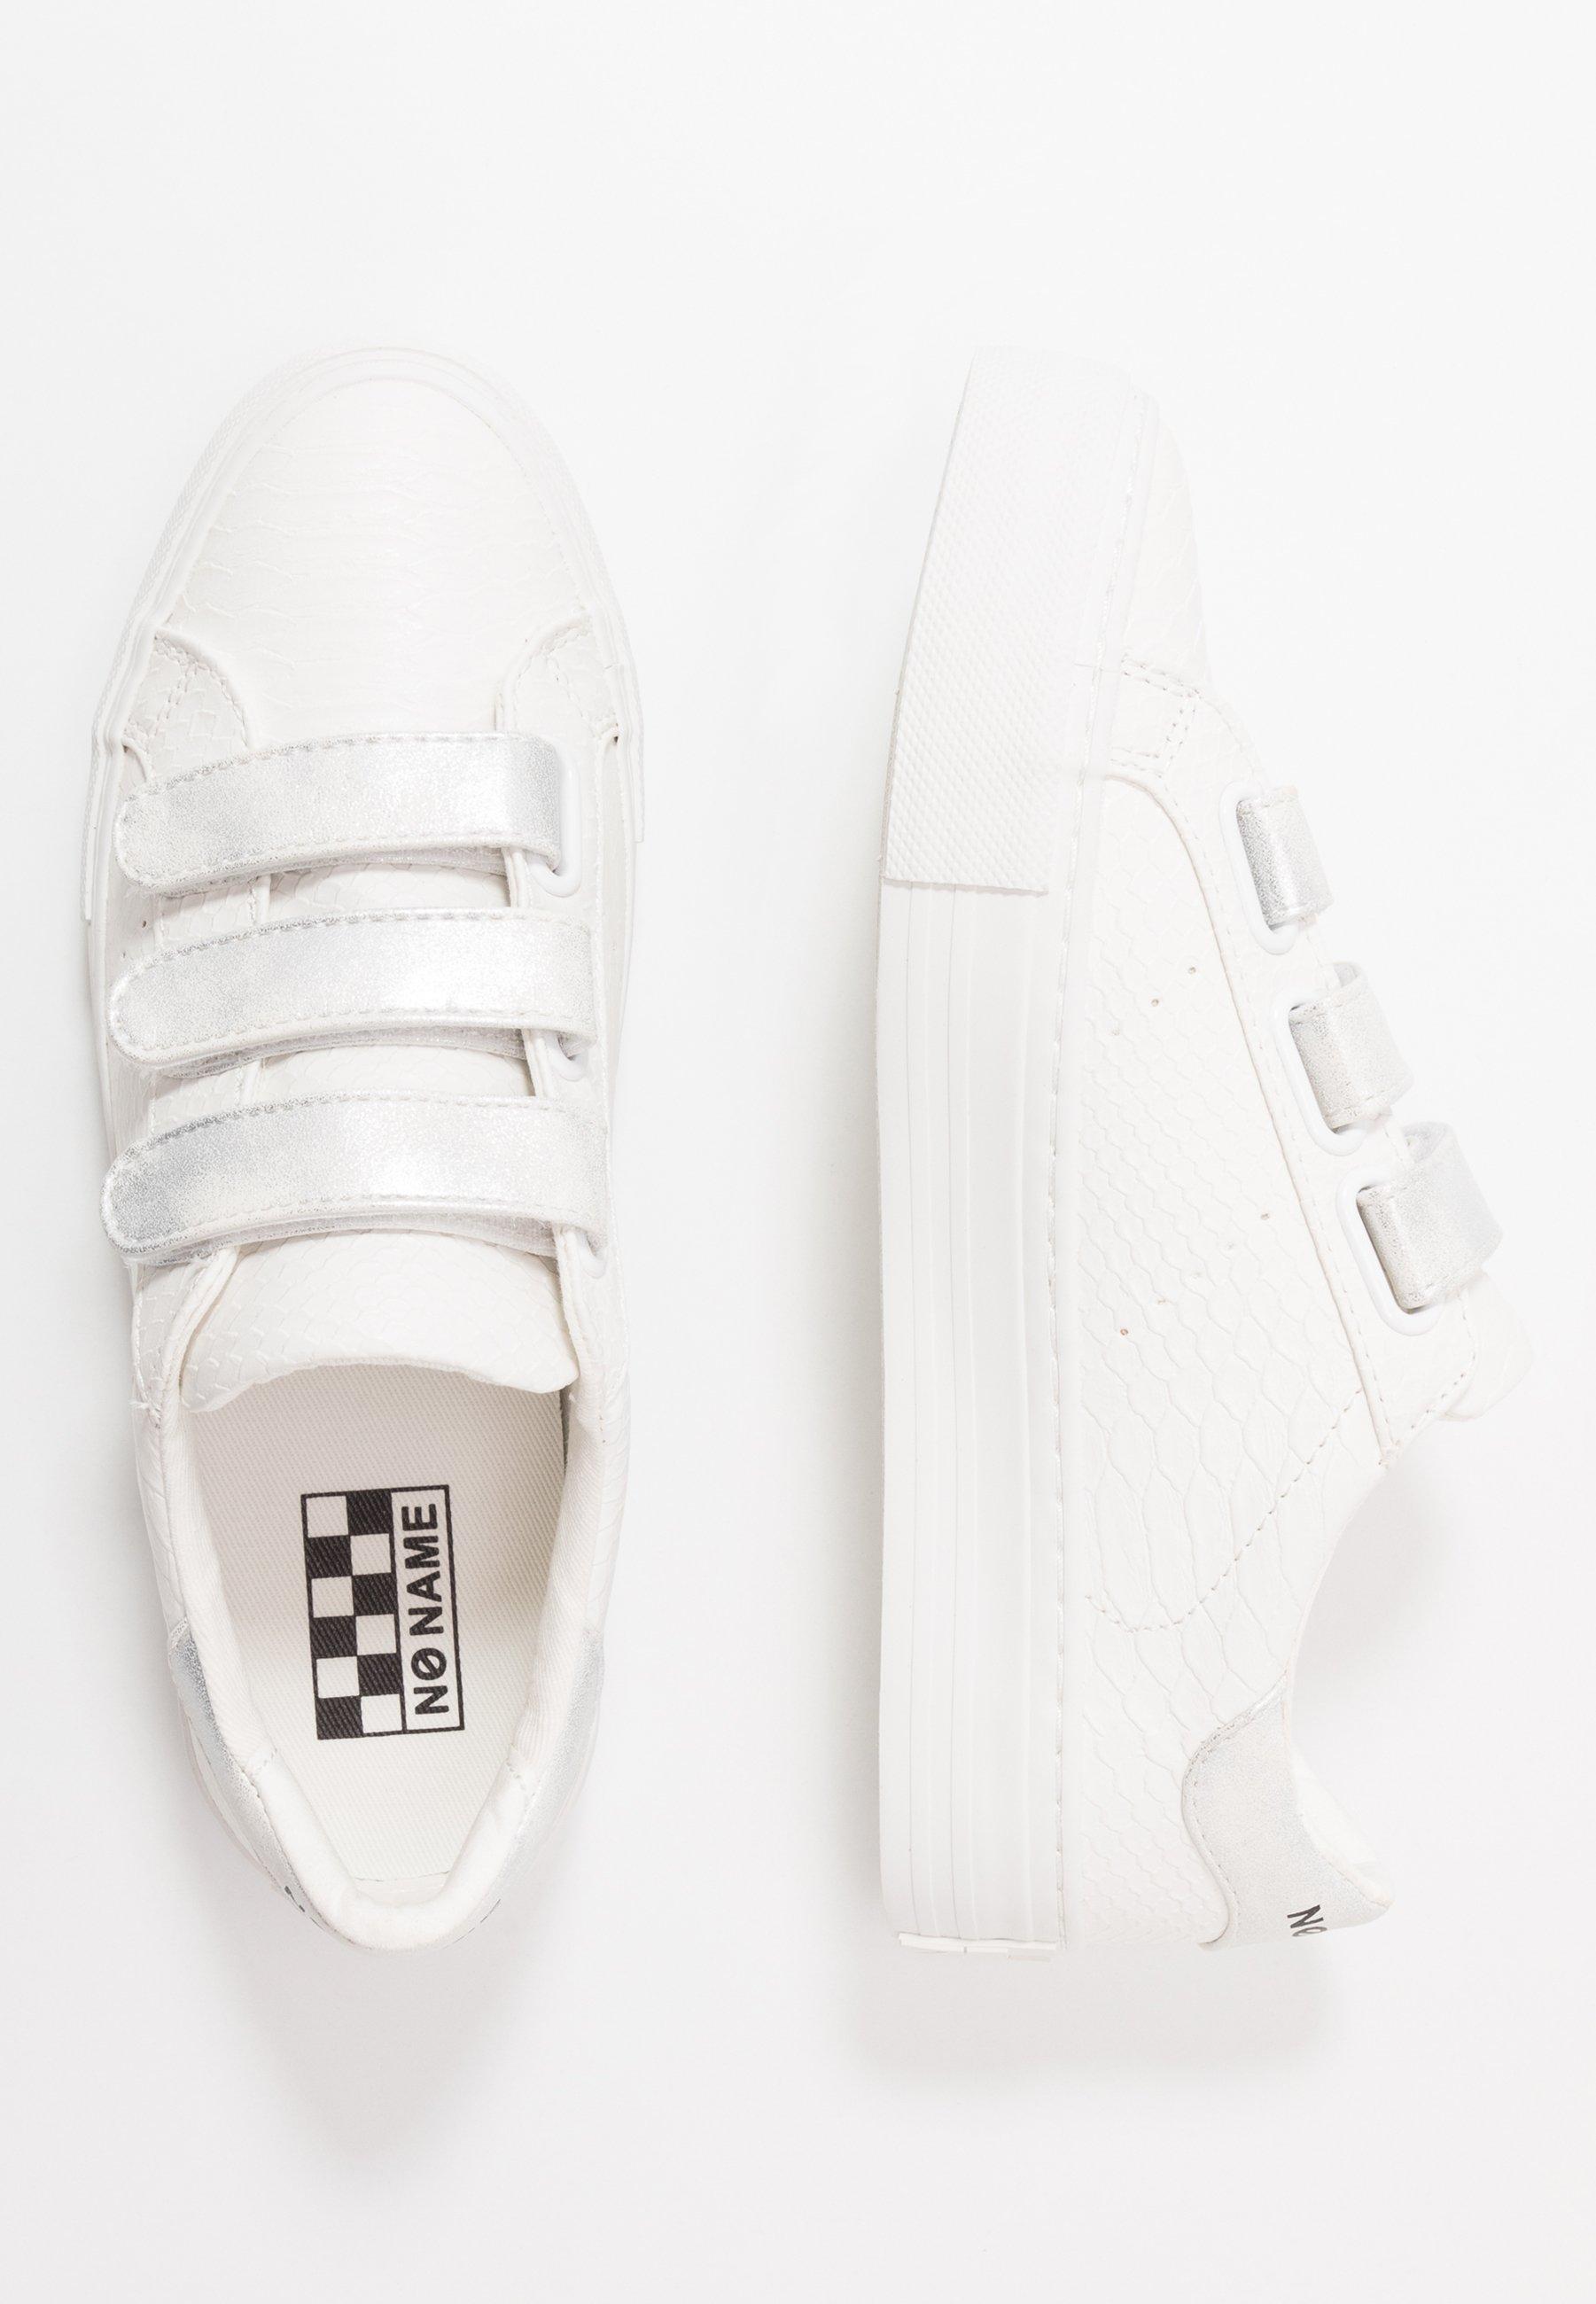 No Name Arcade Straps - Sneakers White